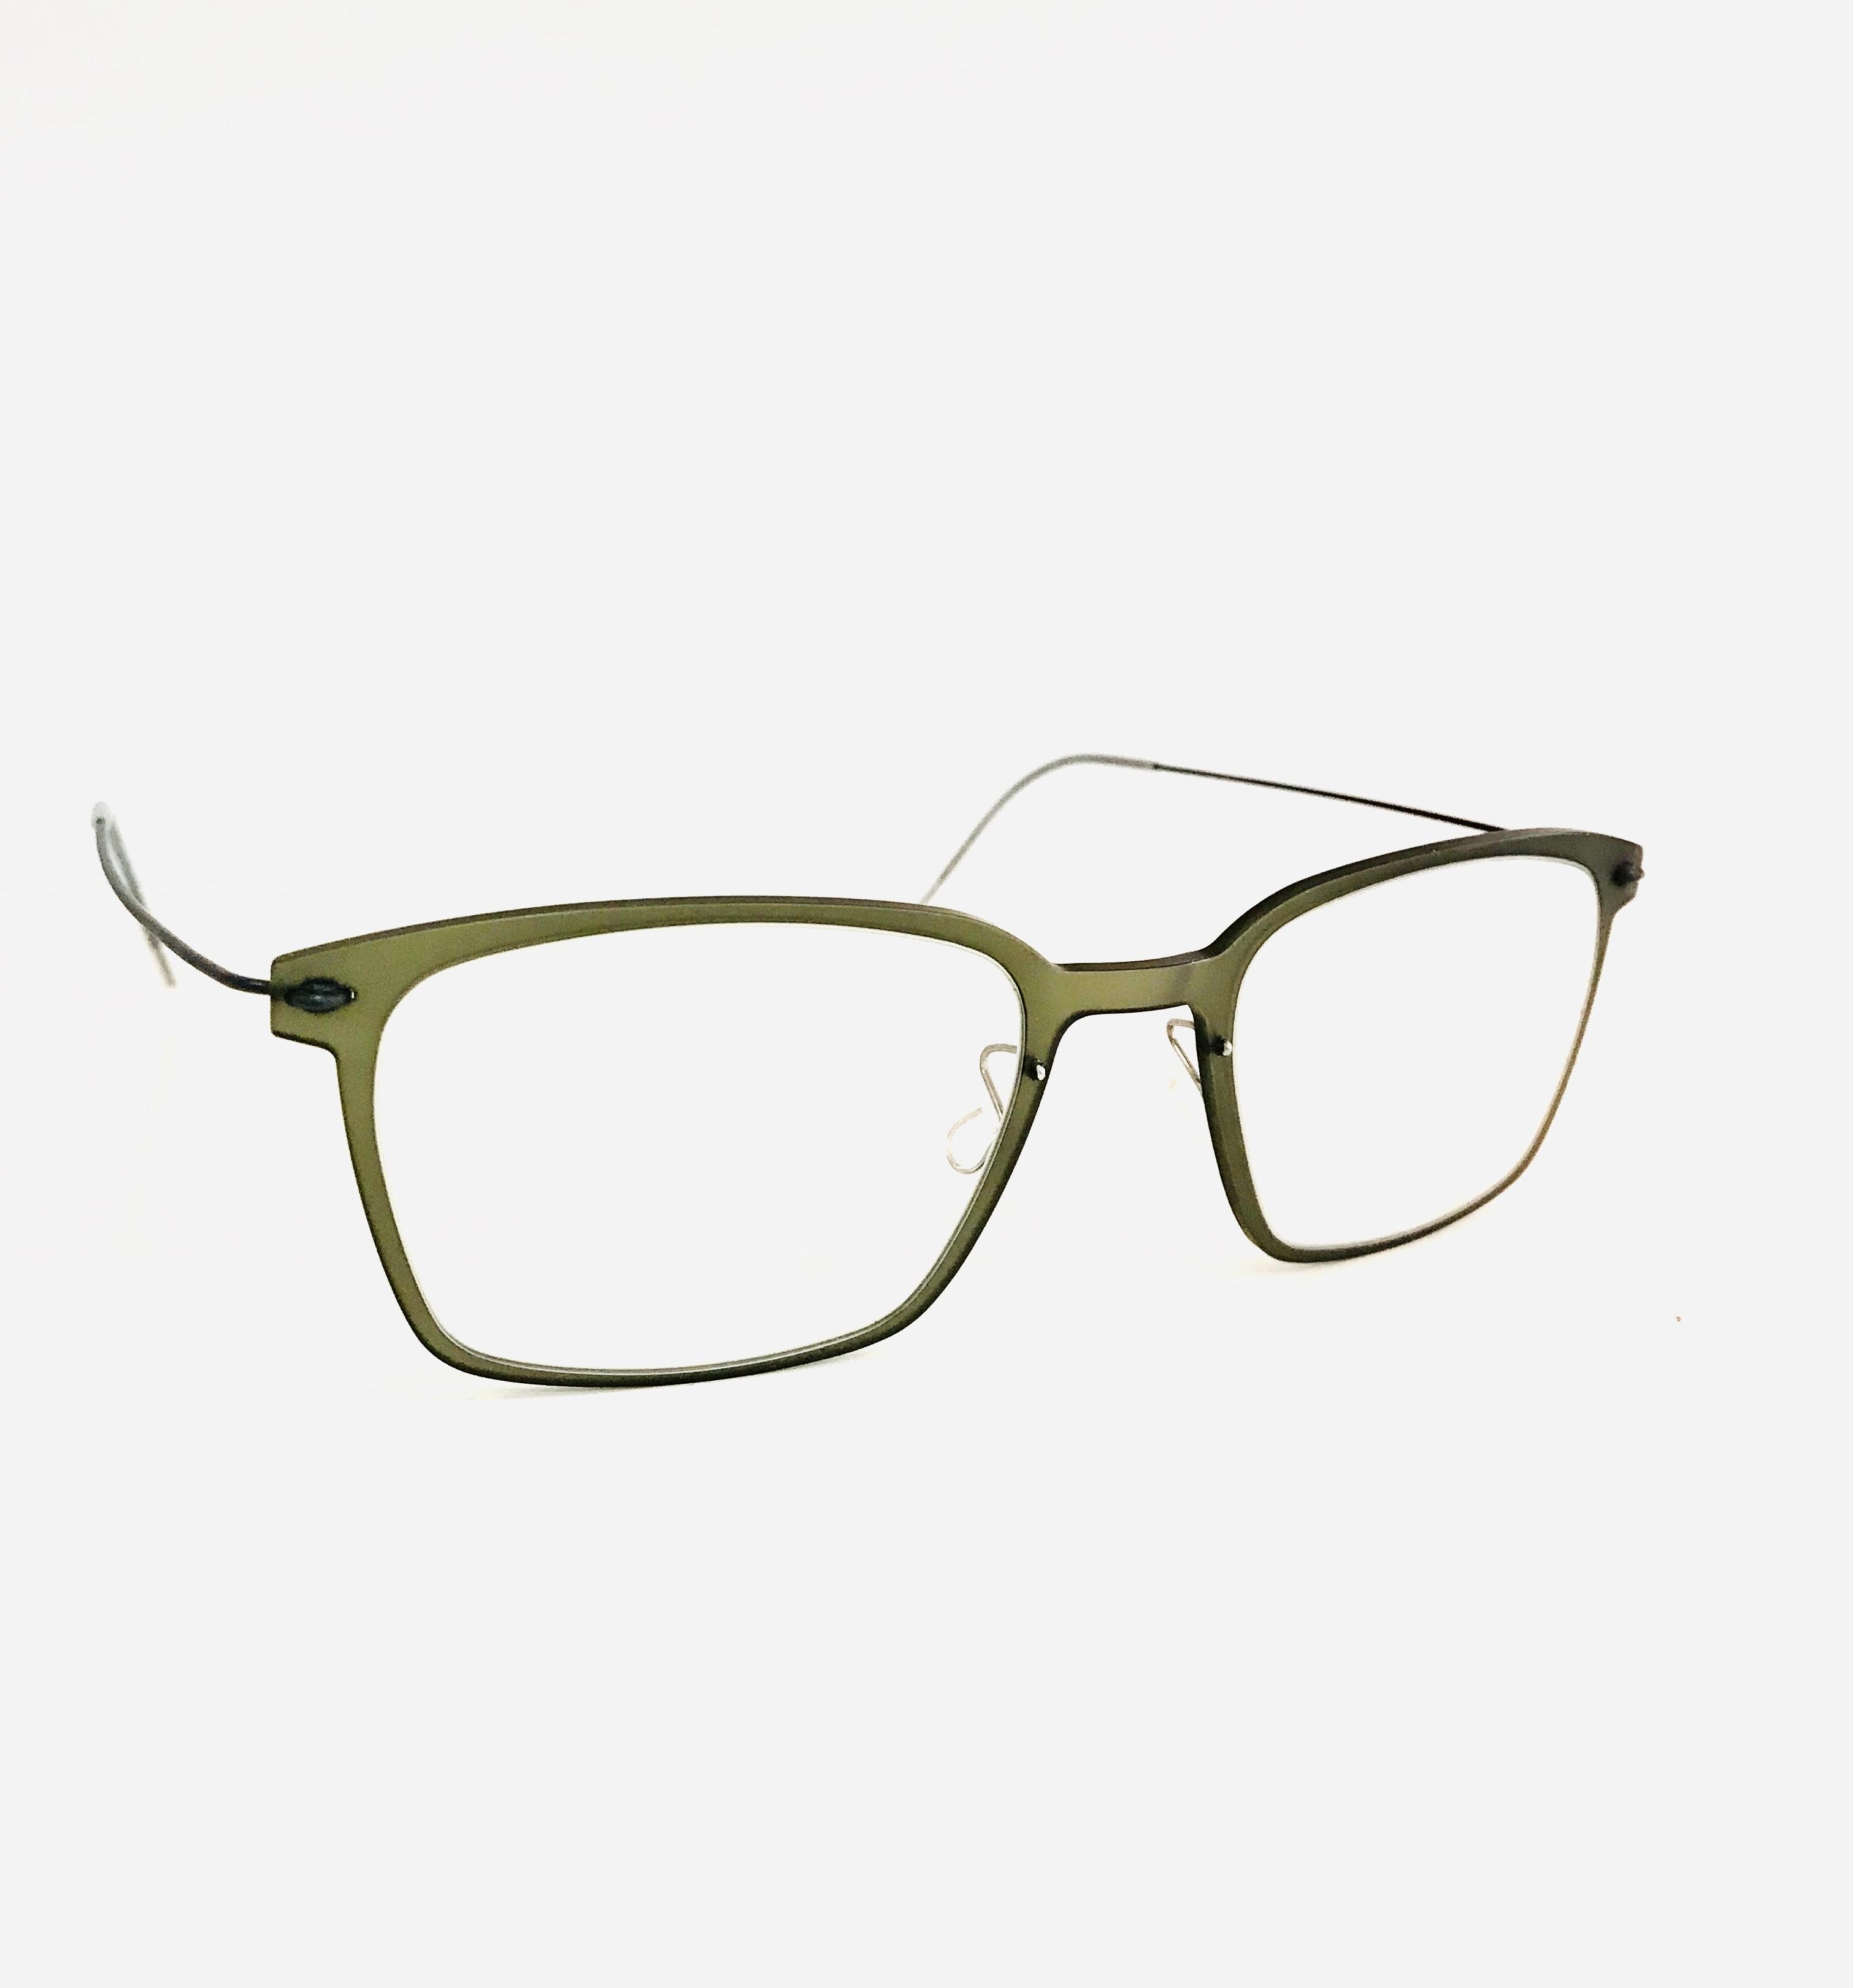 保谷と吉祥寺にある眼鏡屋。_a0172250_12425622.jpg